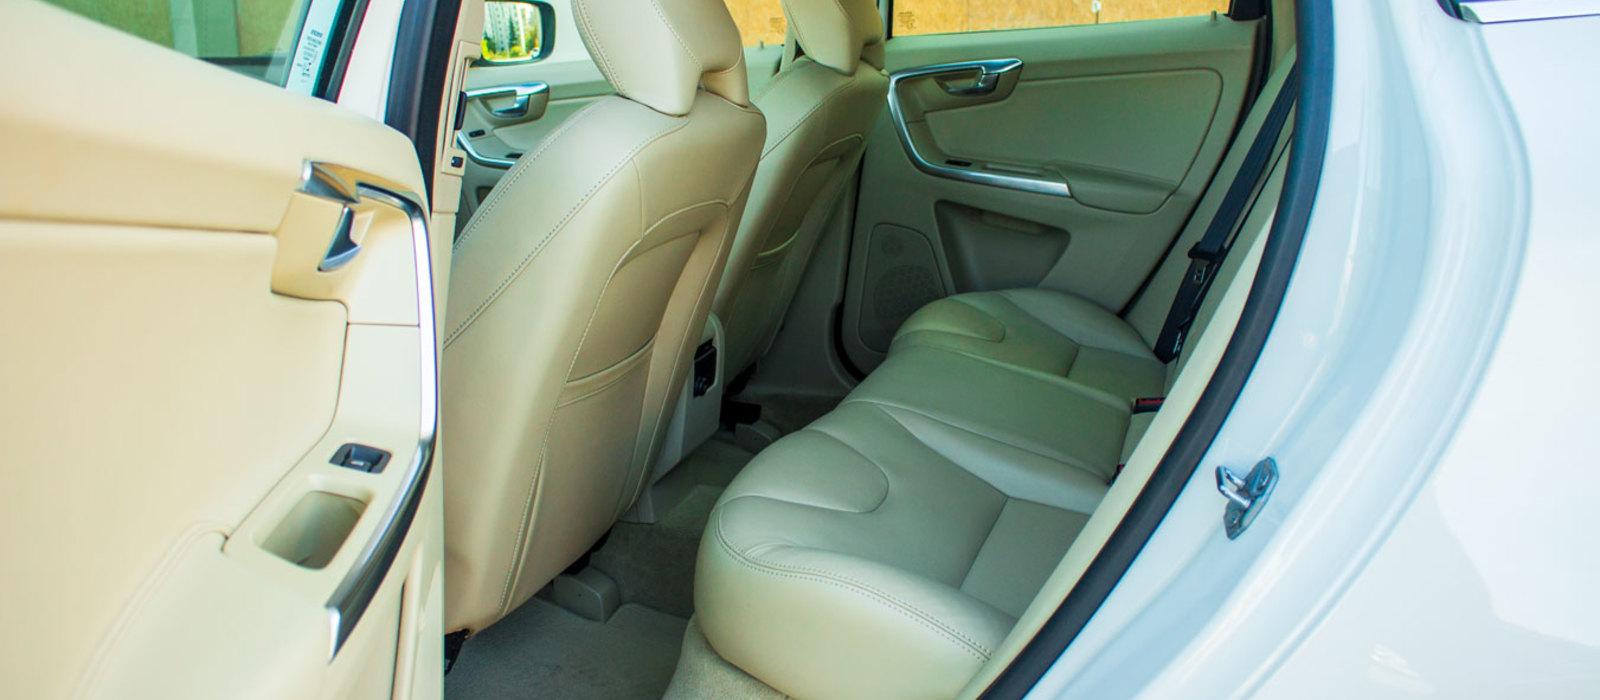 ikinci el araba 2016 Volvo XC 60 2.0 D4 Advance Dizel Otomatik 31240 KM 0